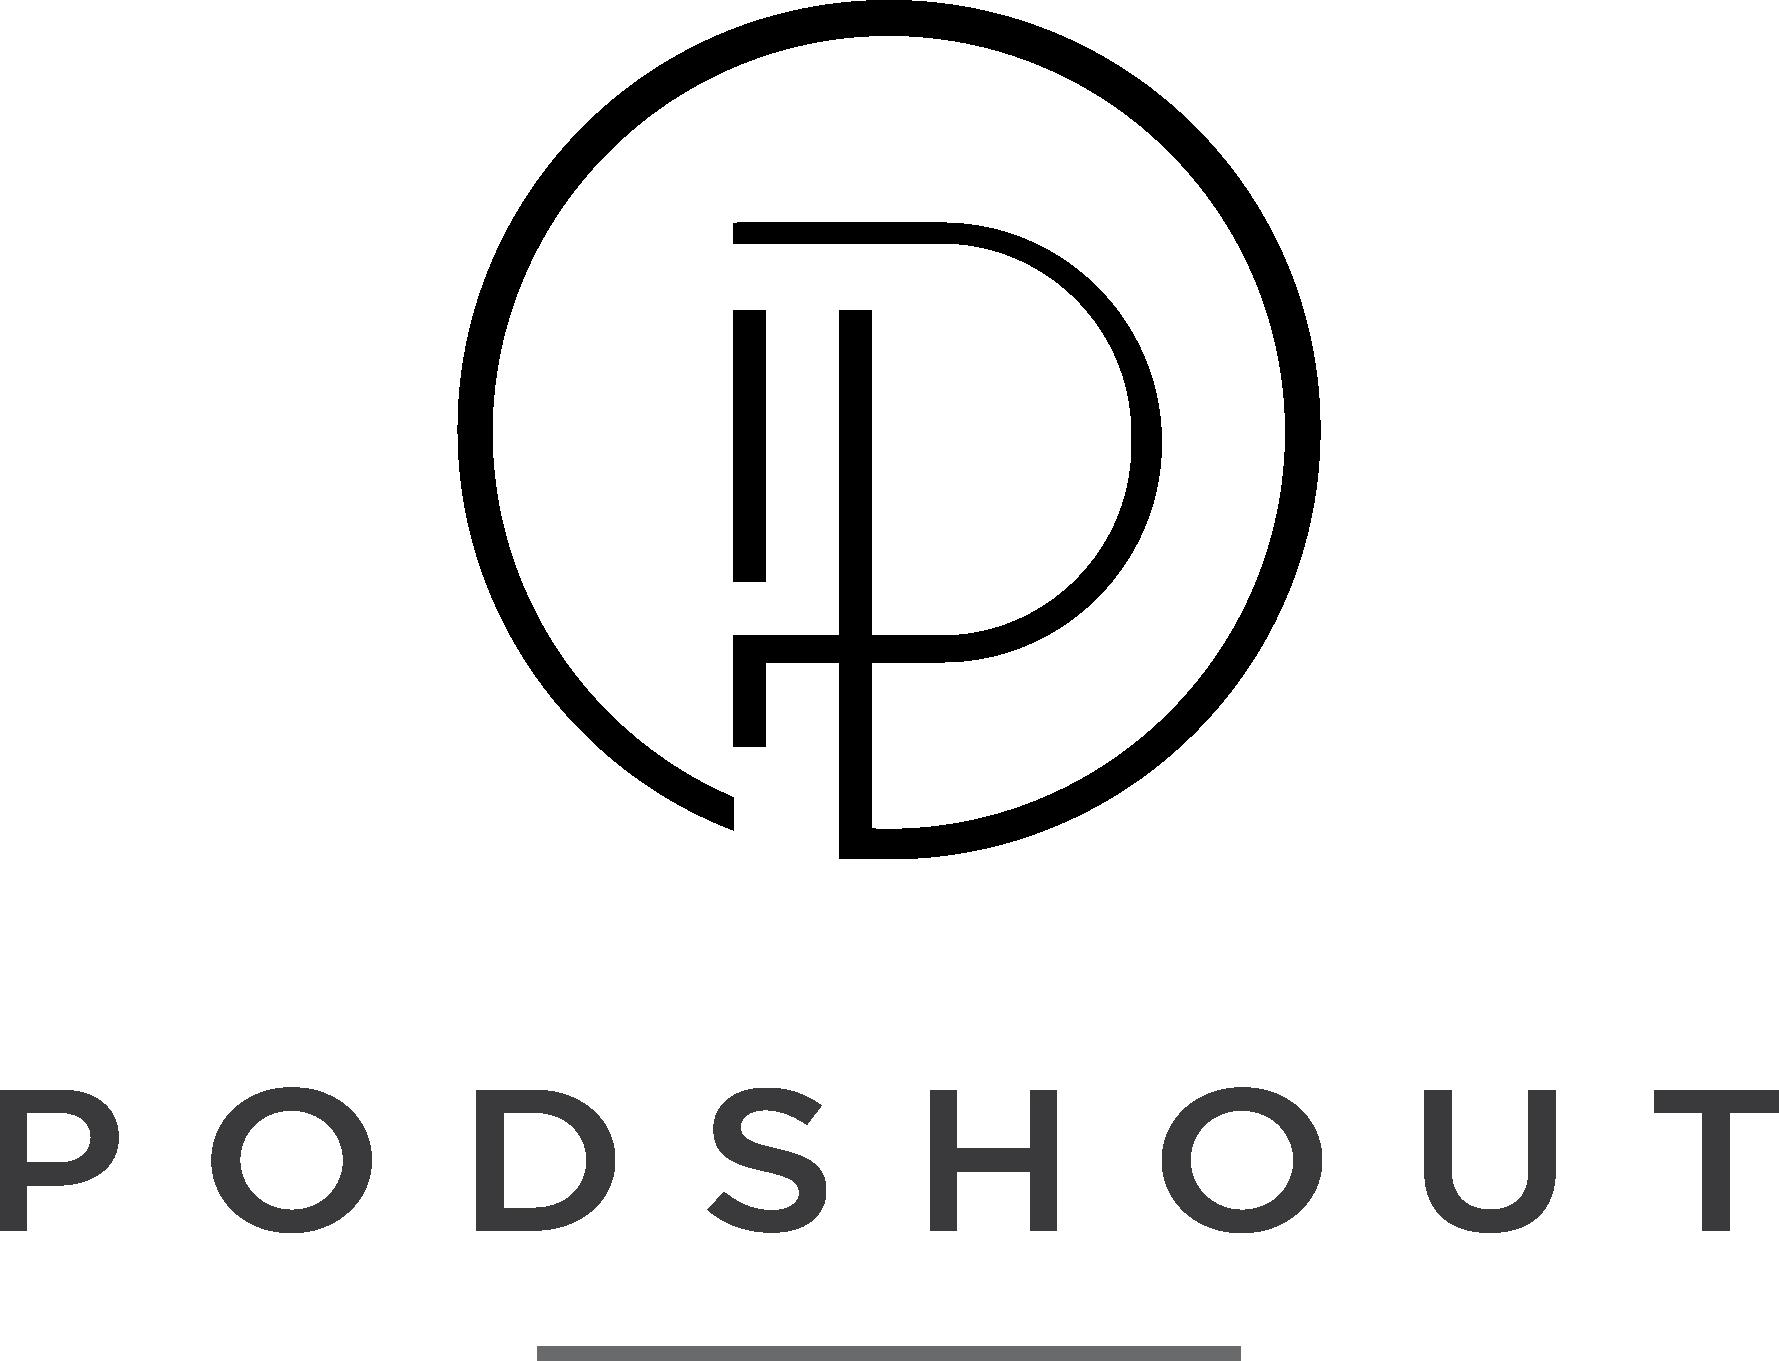 Podshout